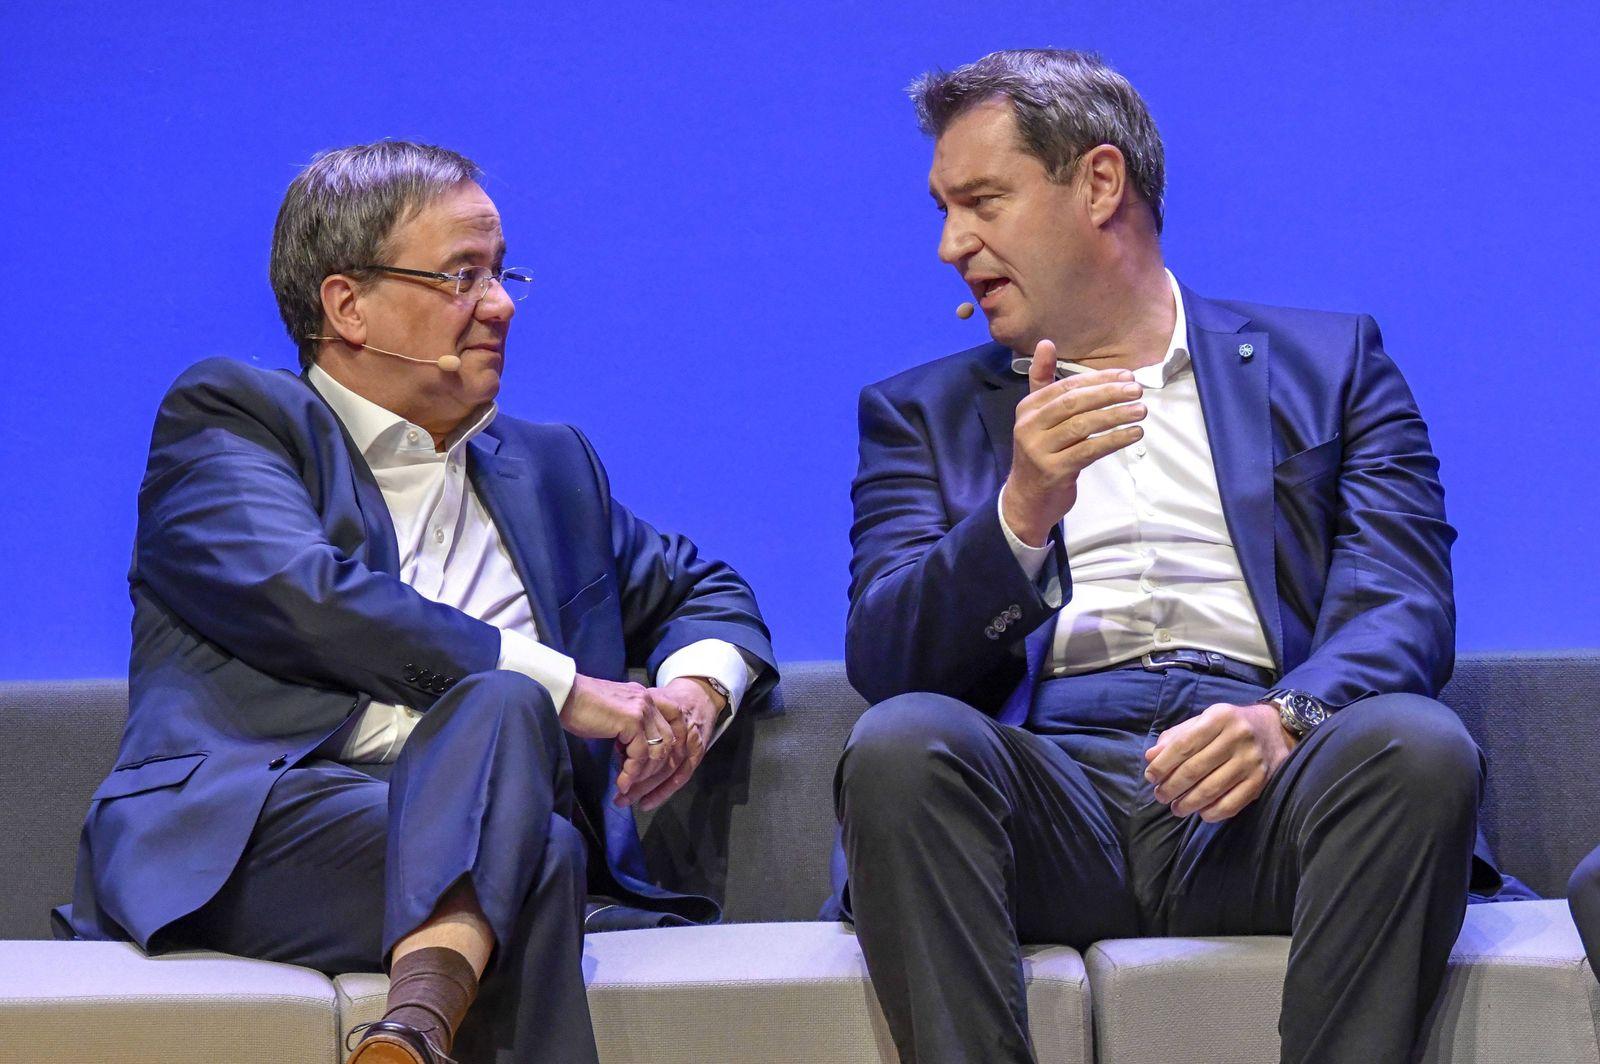 Armin Laschet und Markus Söder beim Wahlkampfauftakt der CDU und CSU zur Europawahl 2019 in der Halle Münsterland. Müns